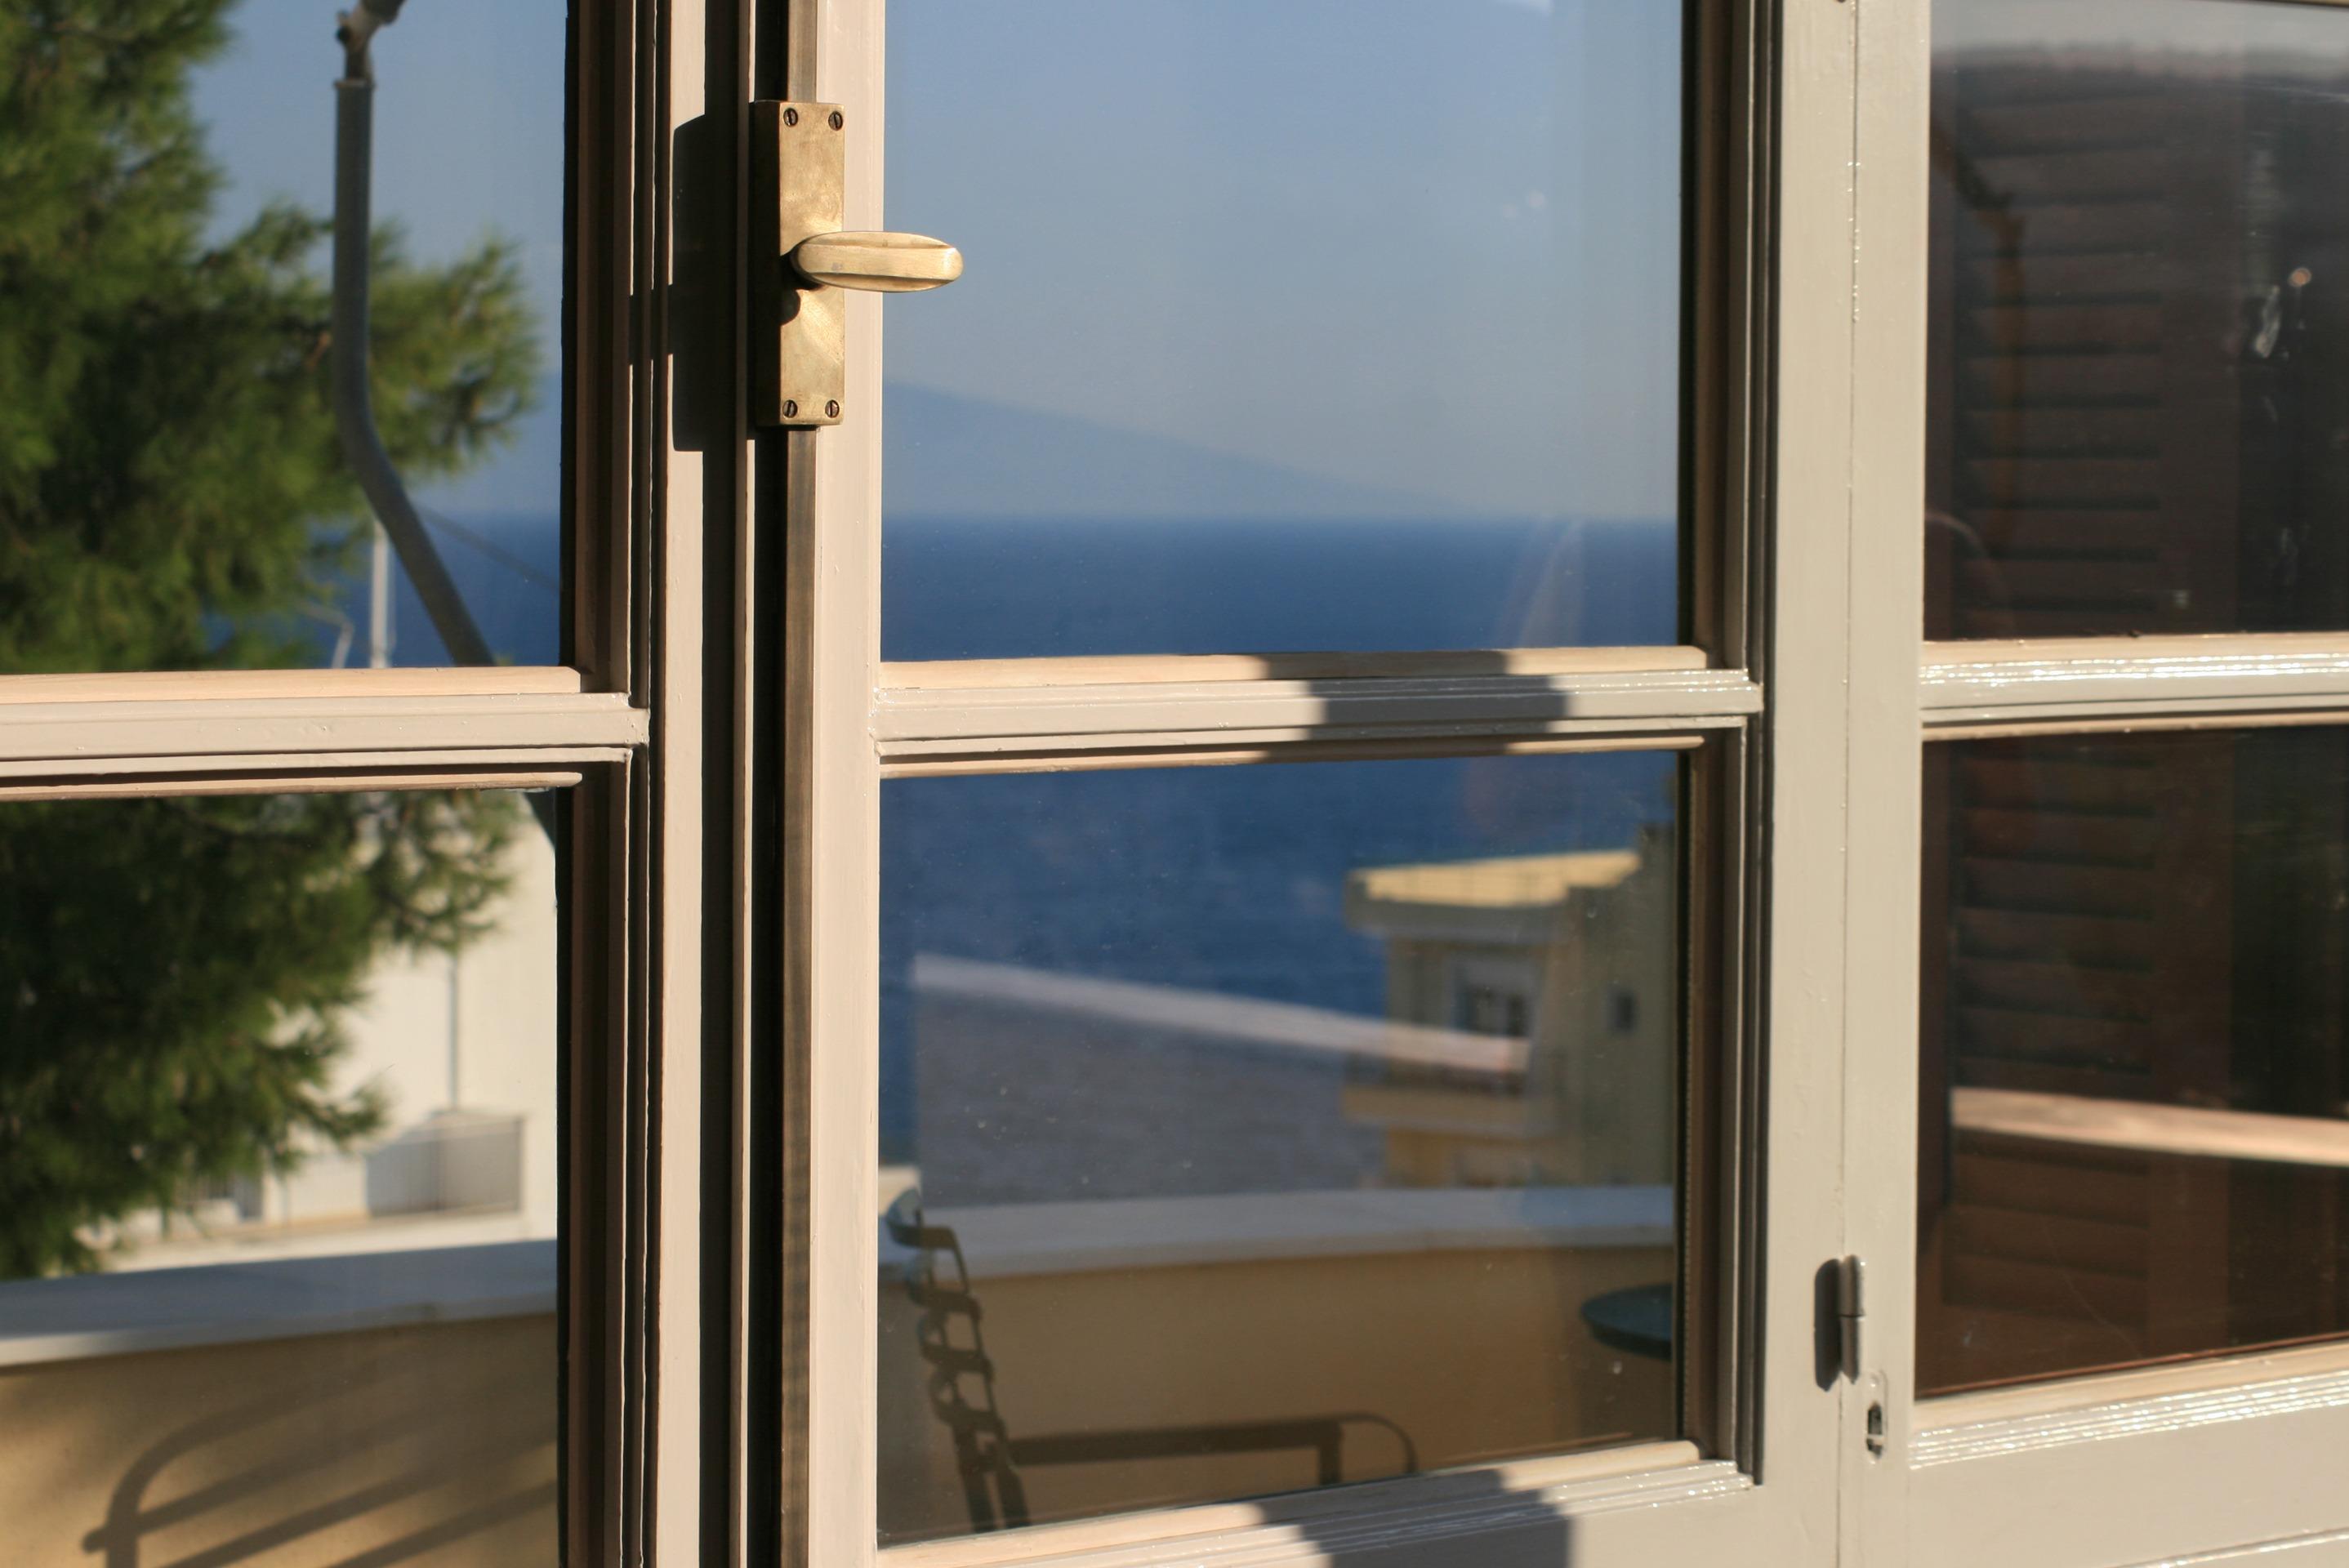 Fotos gratis : mar, árbol, madera, casa, vaso, edificio, verano ...